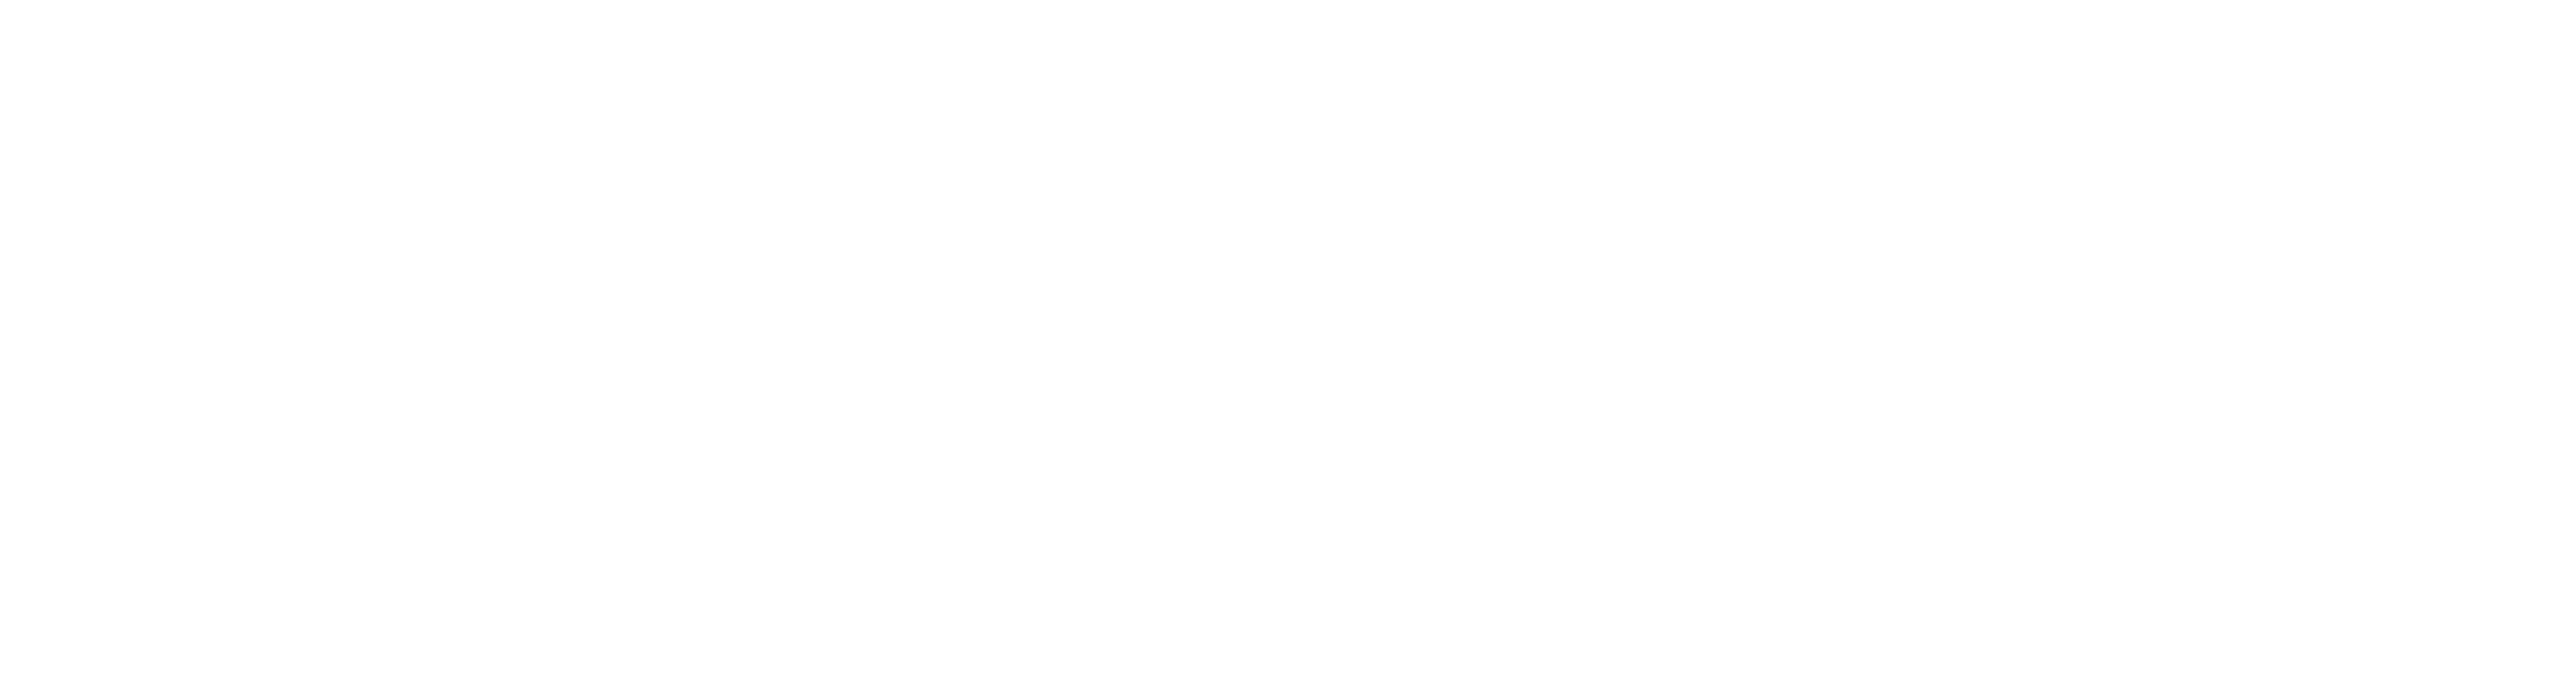 oneAVteam